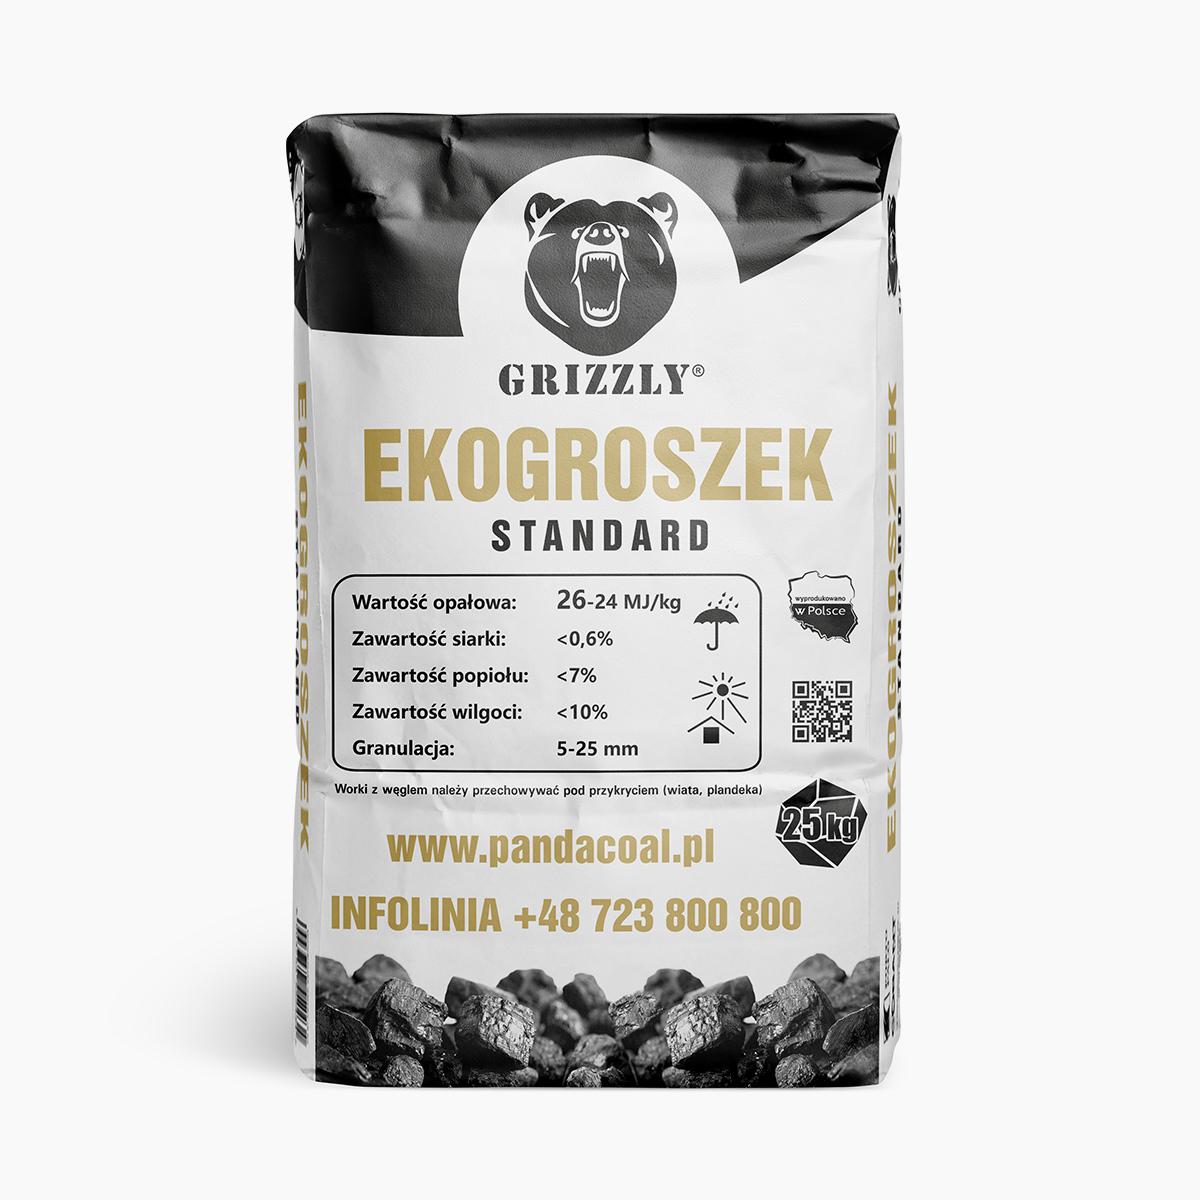 Ekogroszek Grizzly Standard | Przyjazny Węgiel - sklep online z ekologicznym opałem